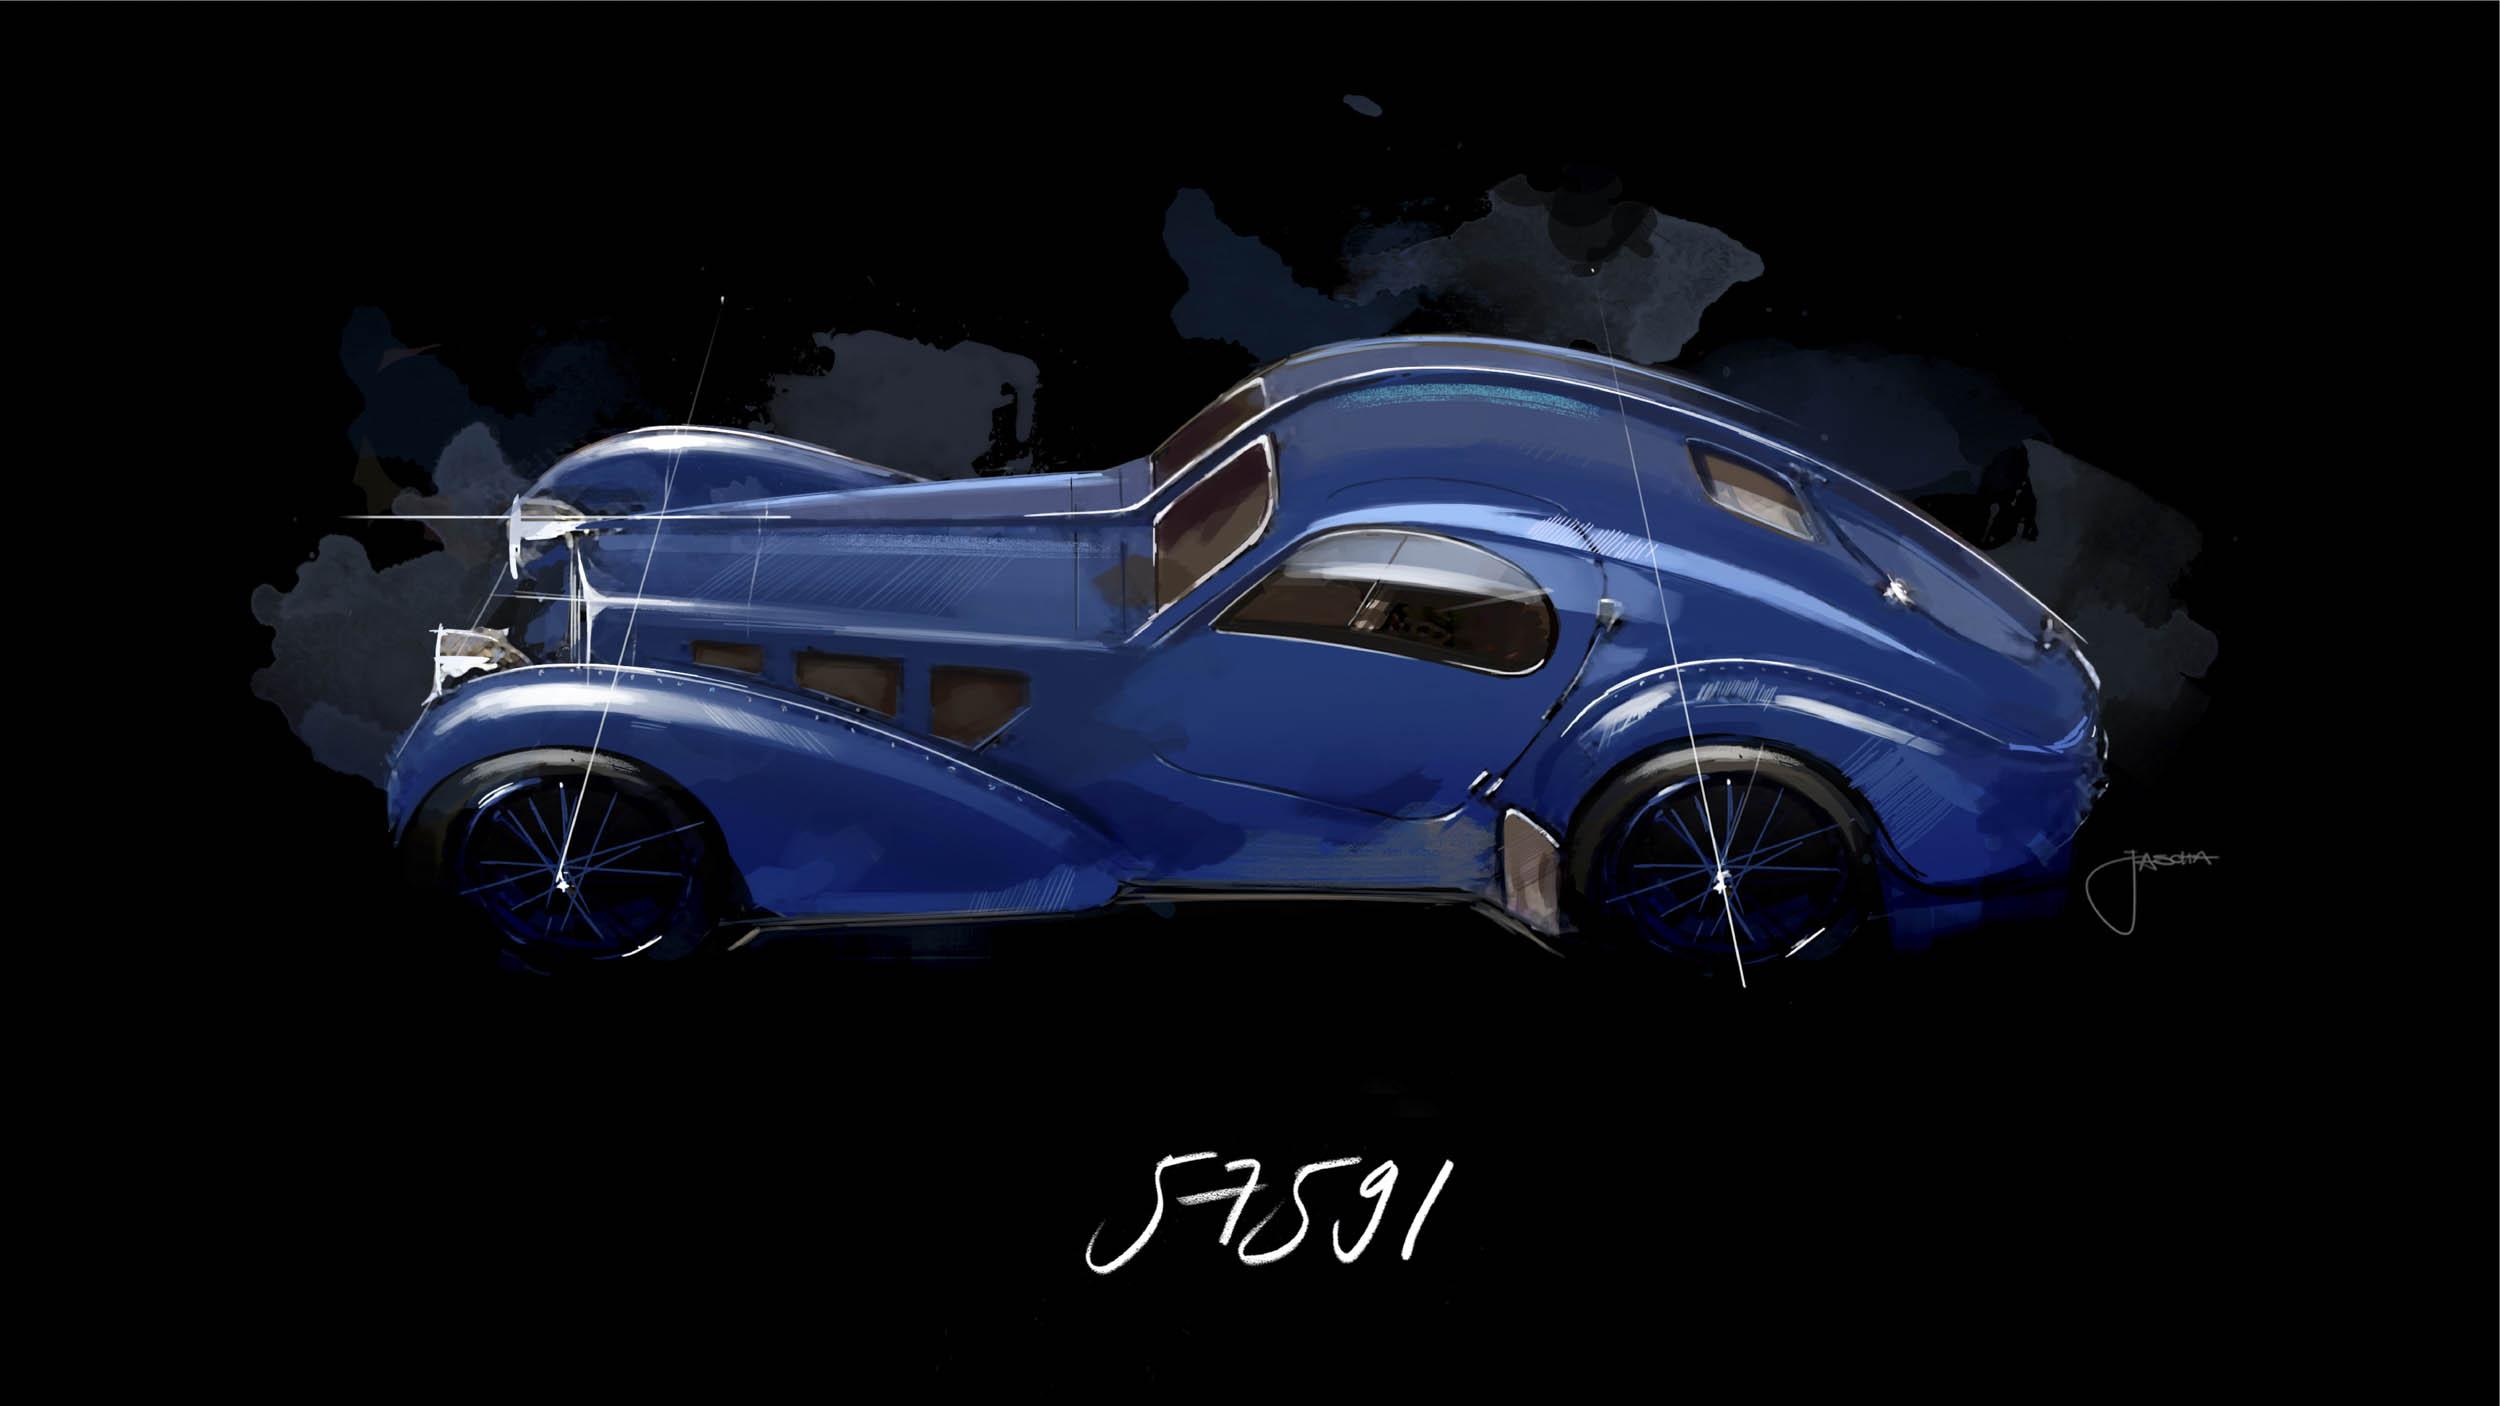 Bugatti Atlantic Chassis 57591, The Pope Car